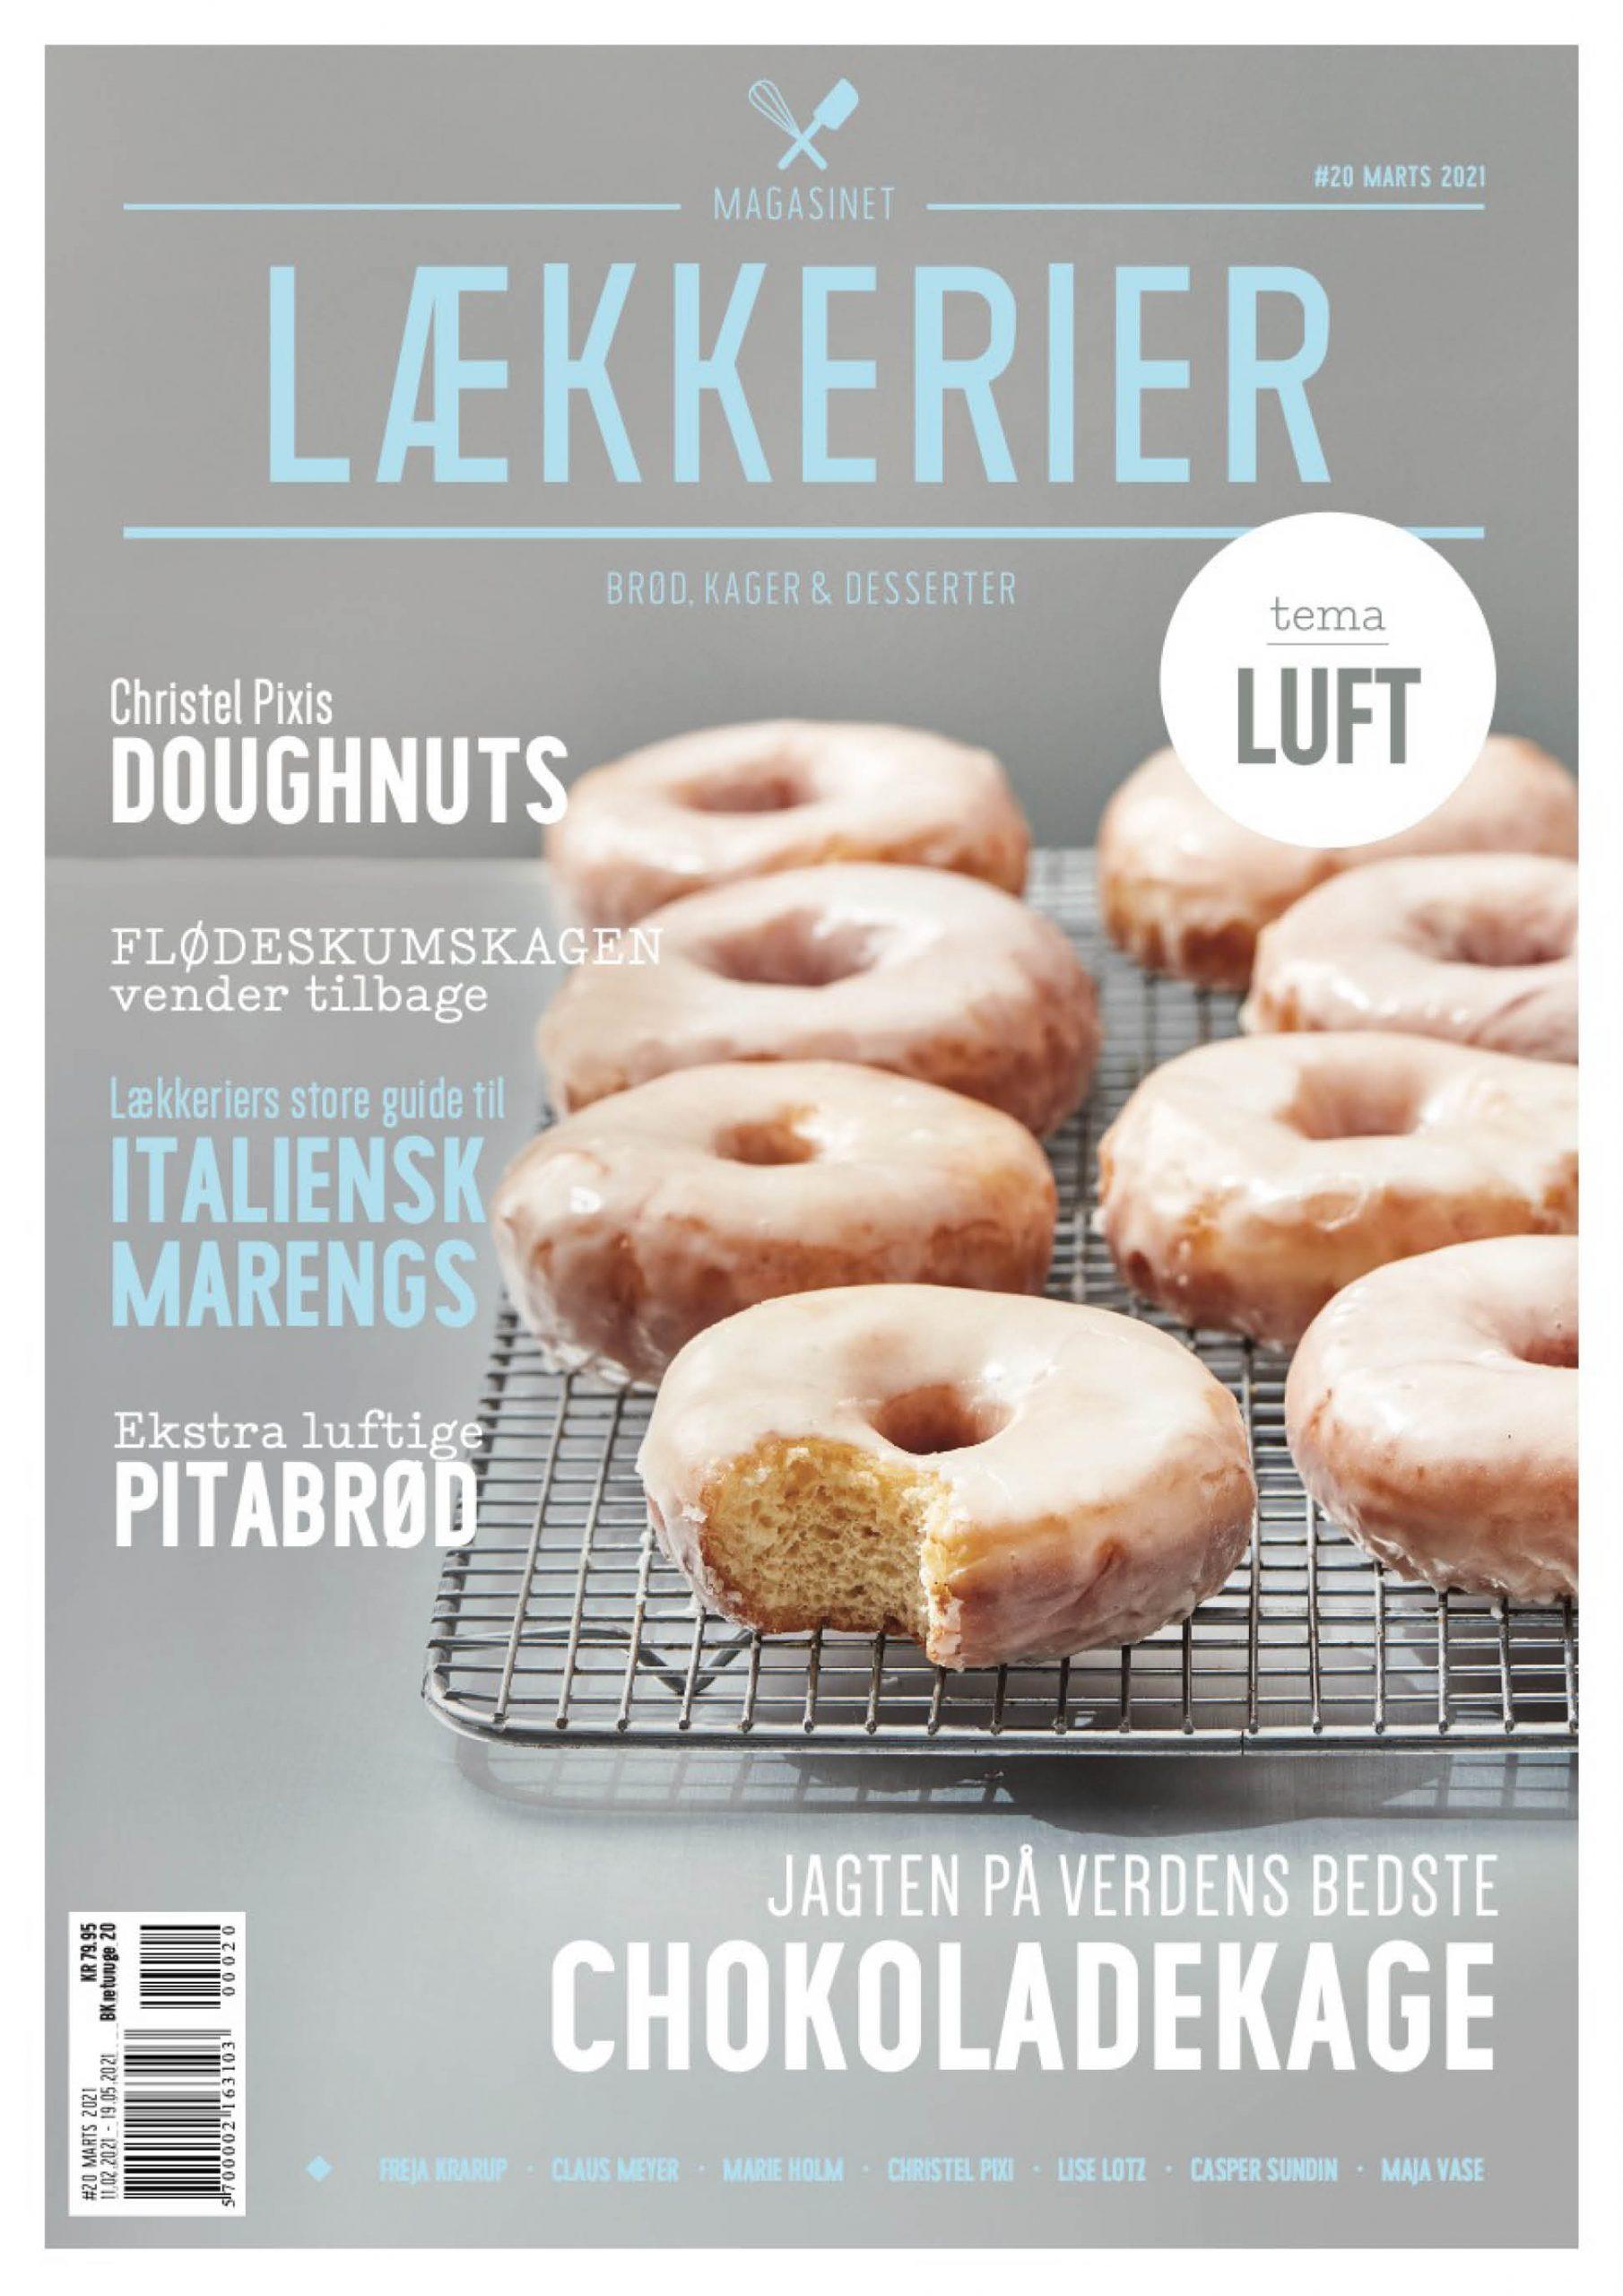 Magasinet Lækkerier #20